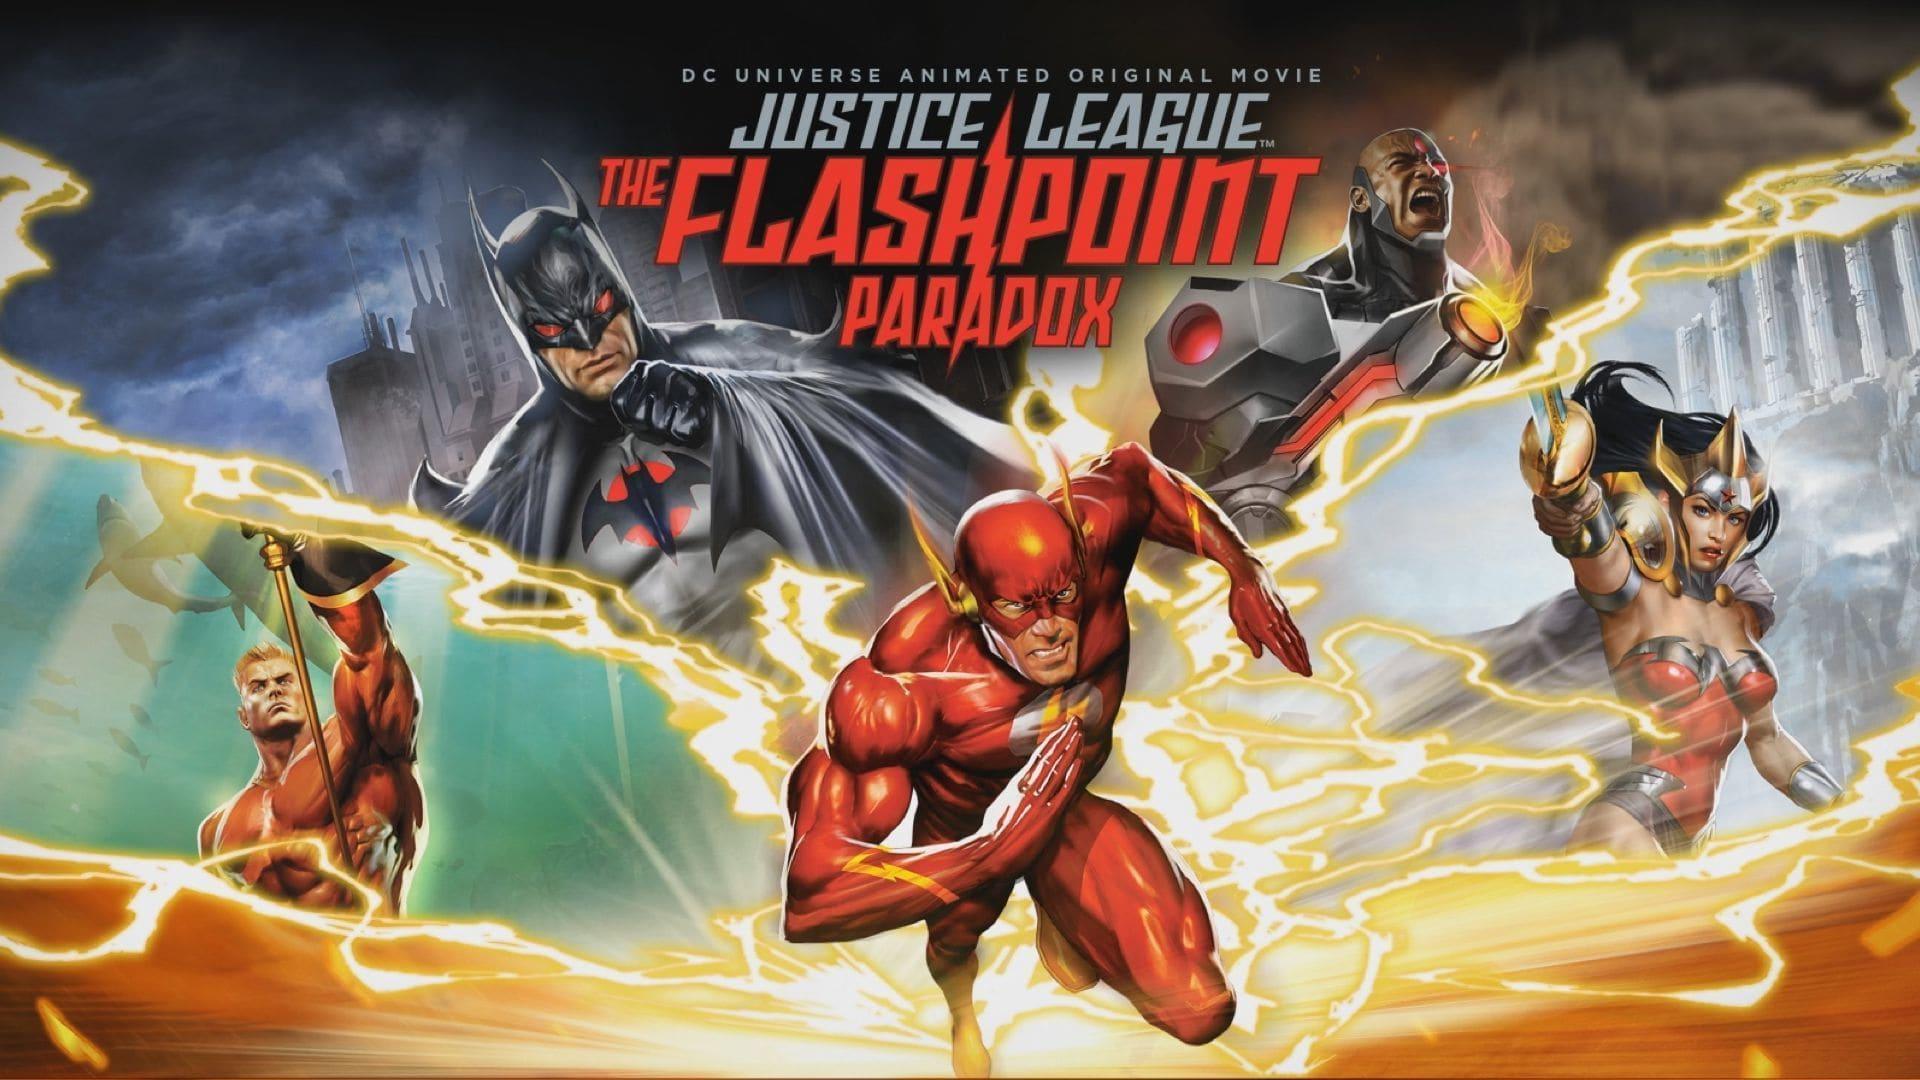 Regarder La Ligue des Justiciers : Le Paradoxe Flashpoint en streaming gratuit